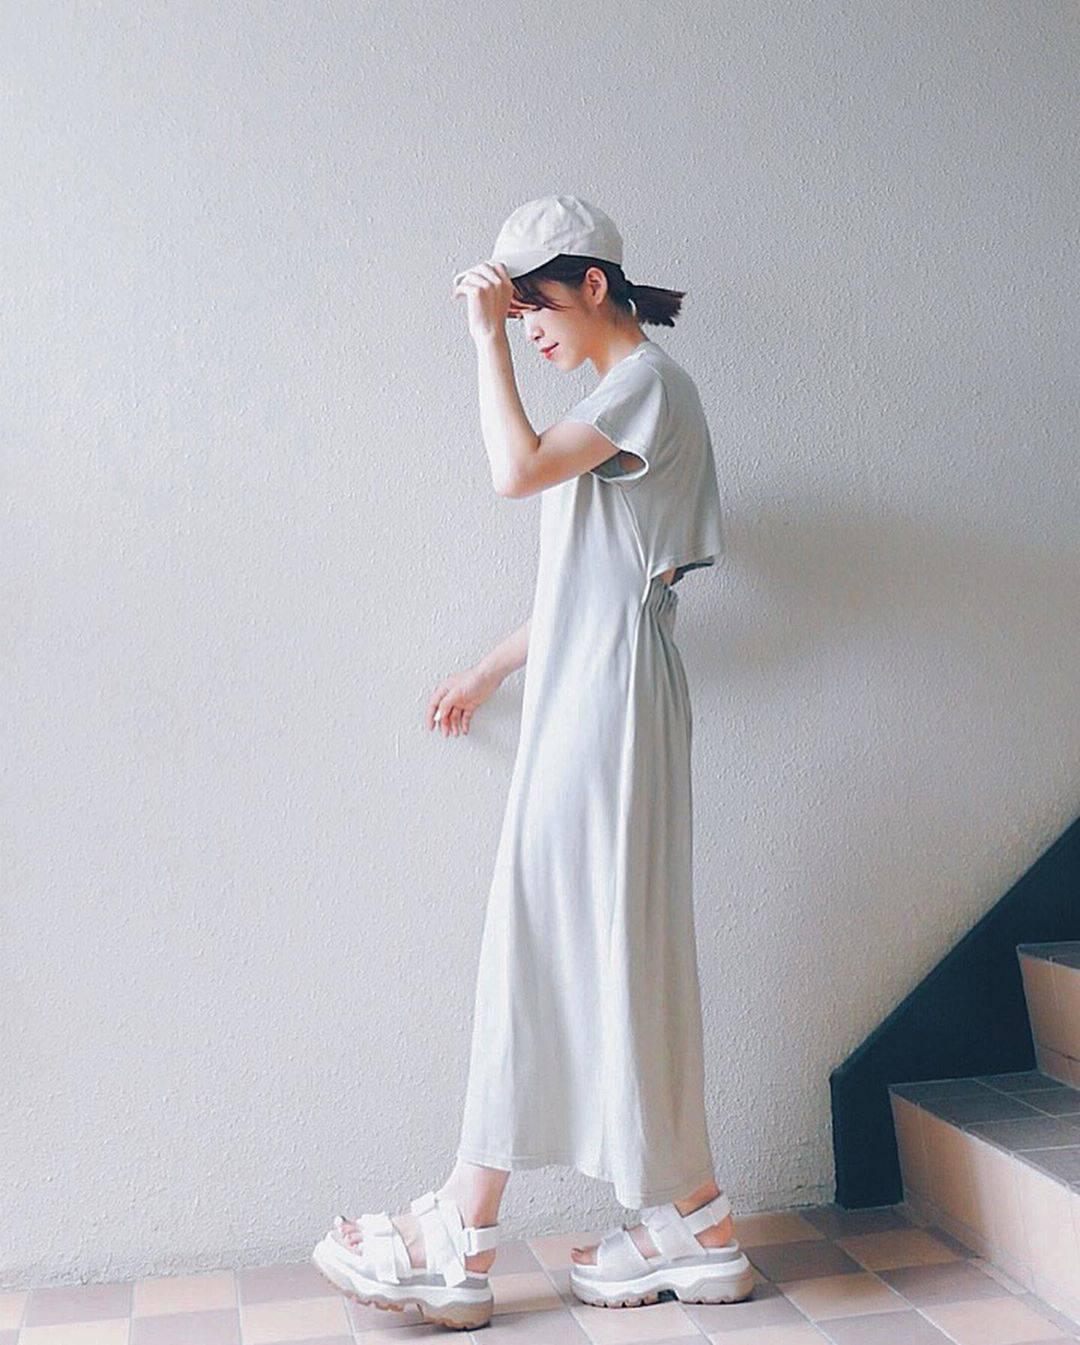 最高気温28度・最低気温20度 natsu_outfitsの服装